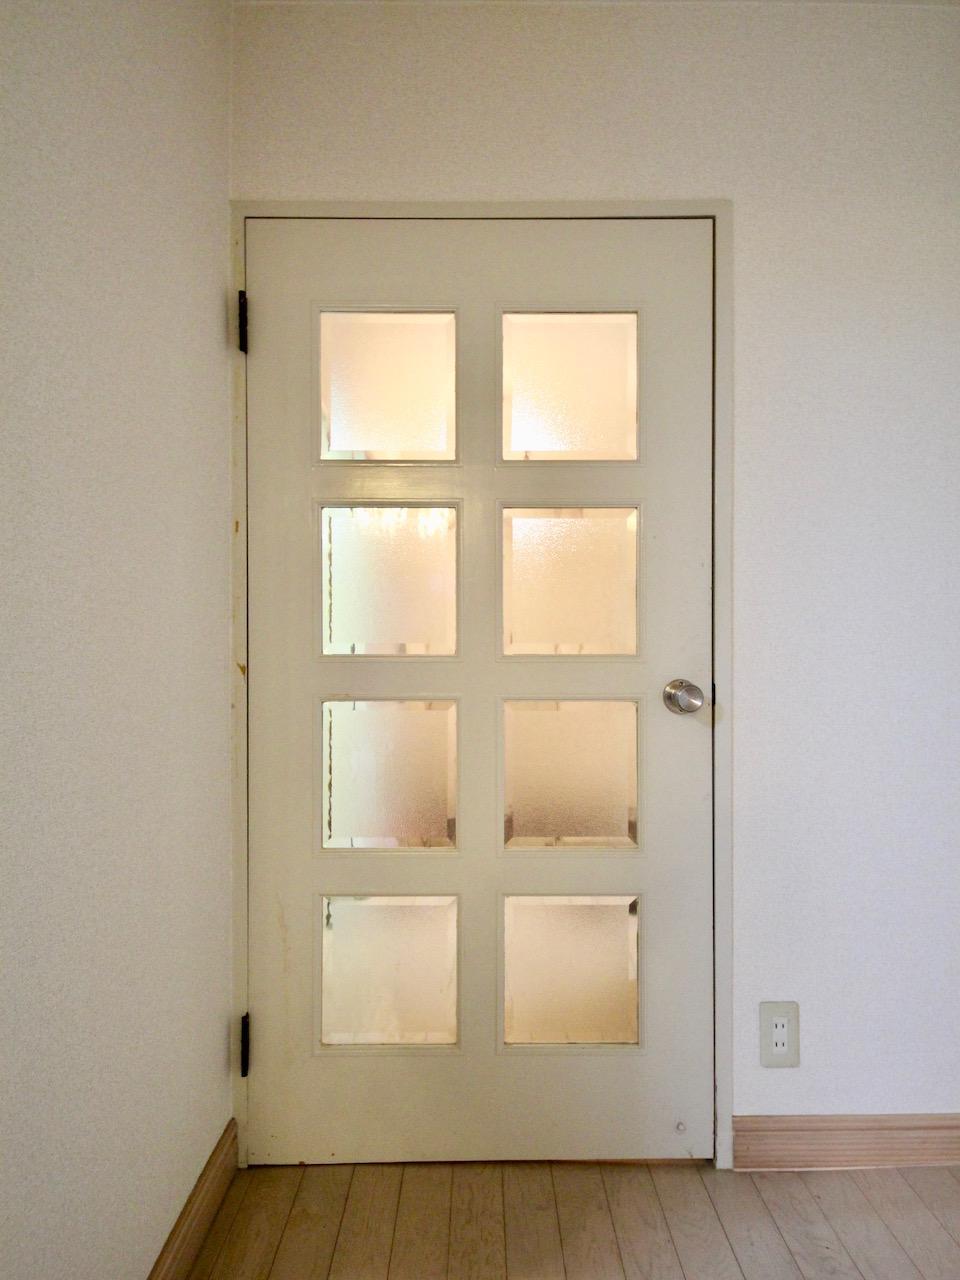 リビング入口のガラスドアが可愛い